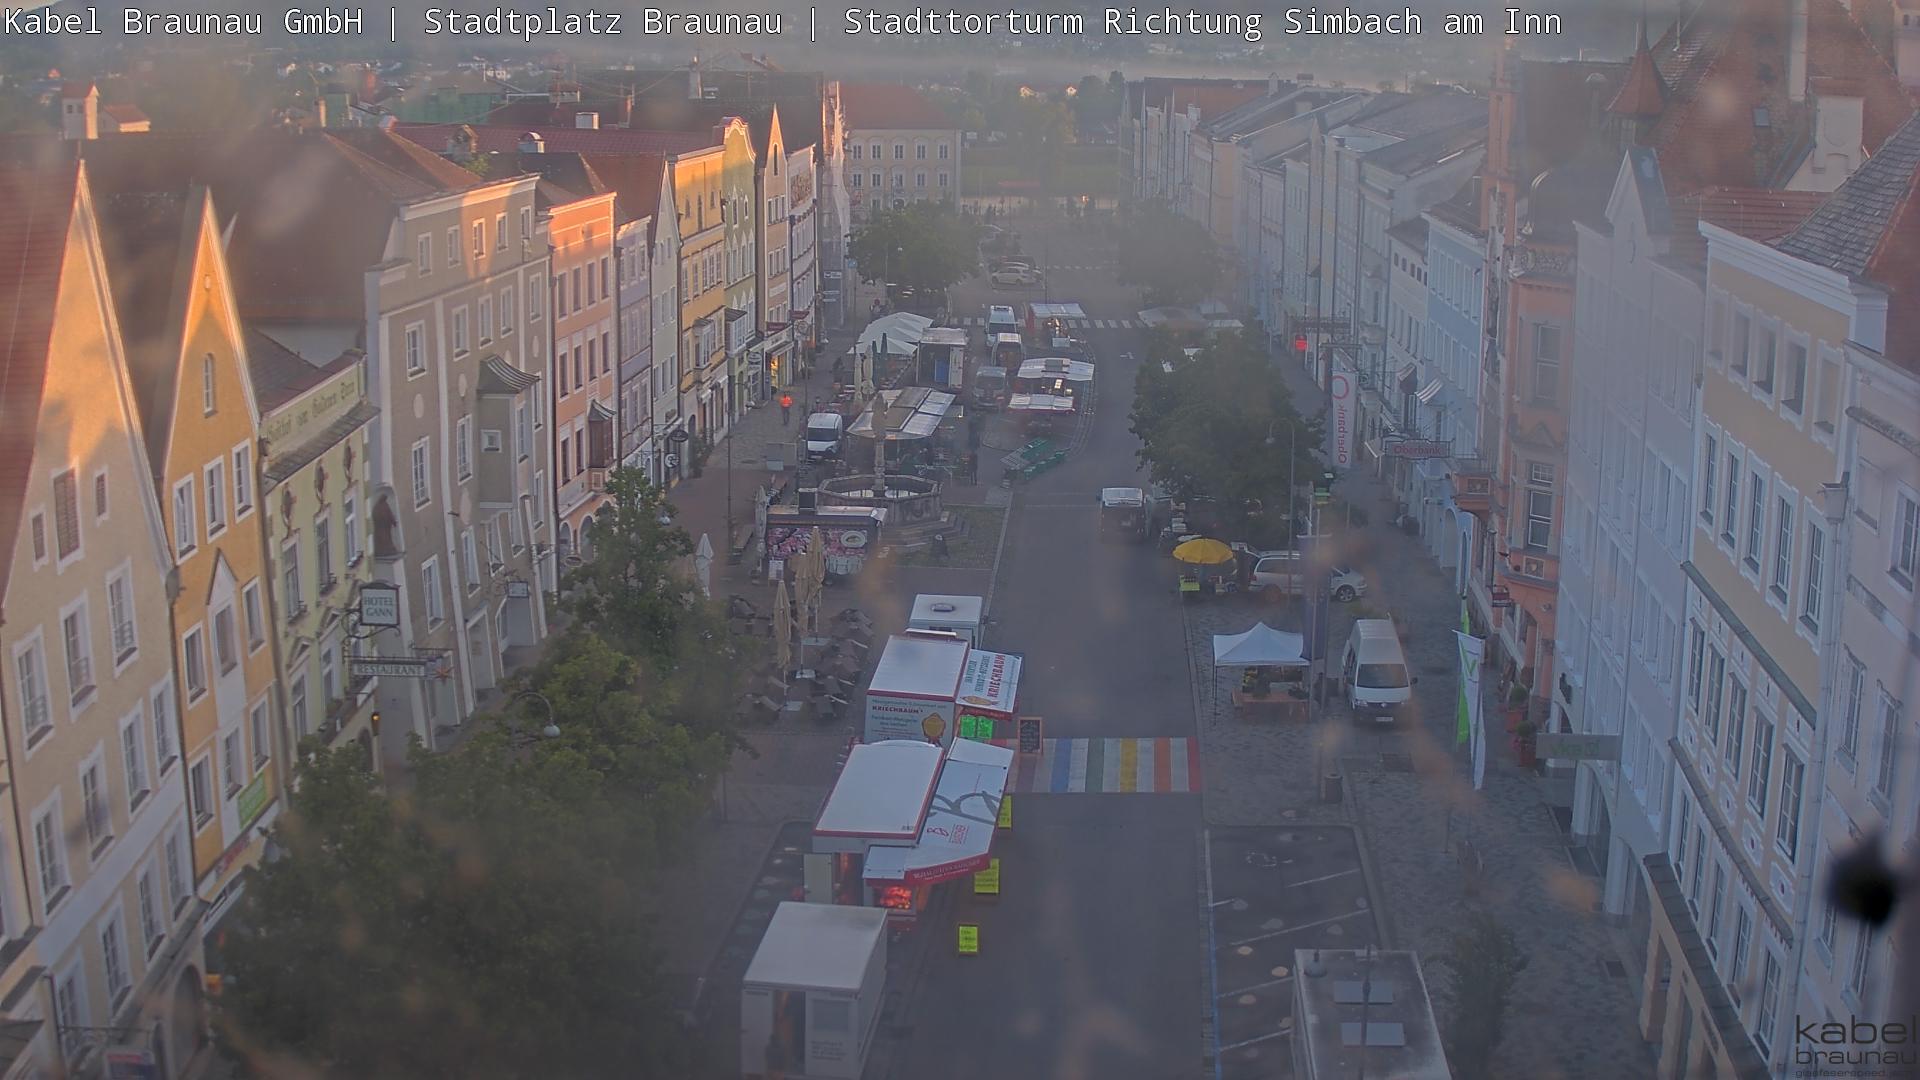 Stadtplatz von Braunau